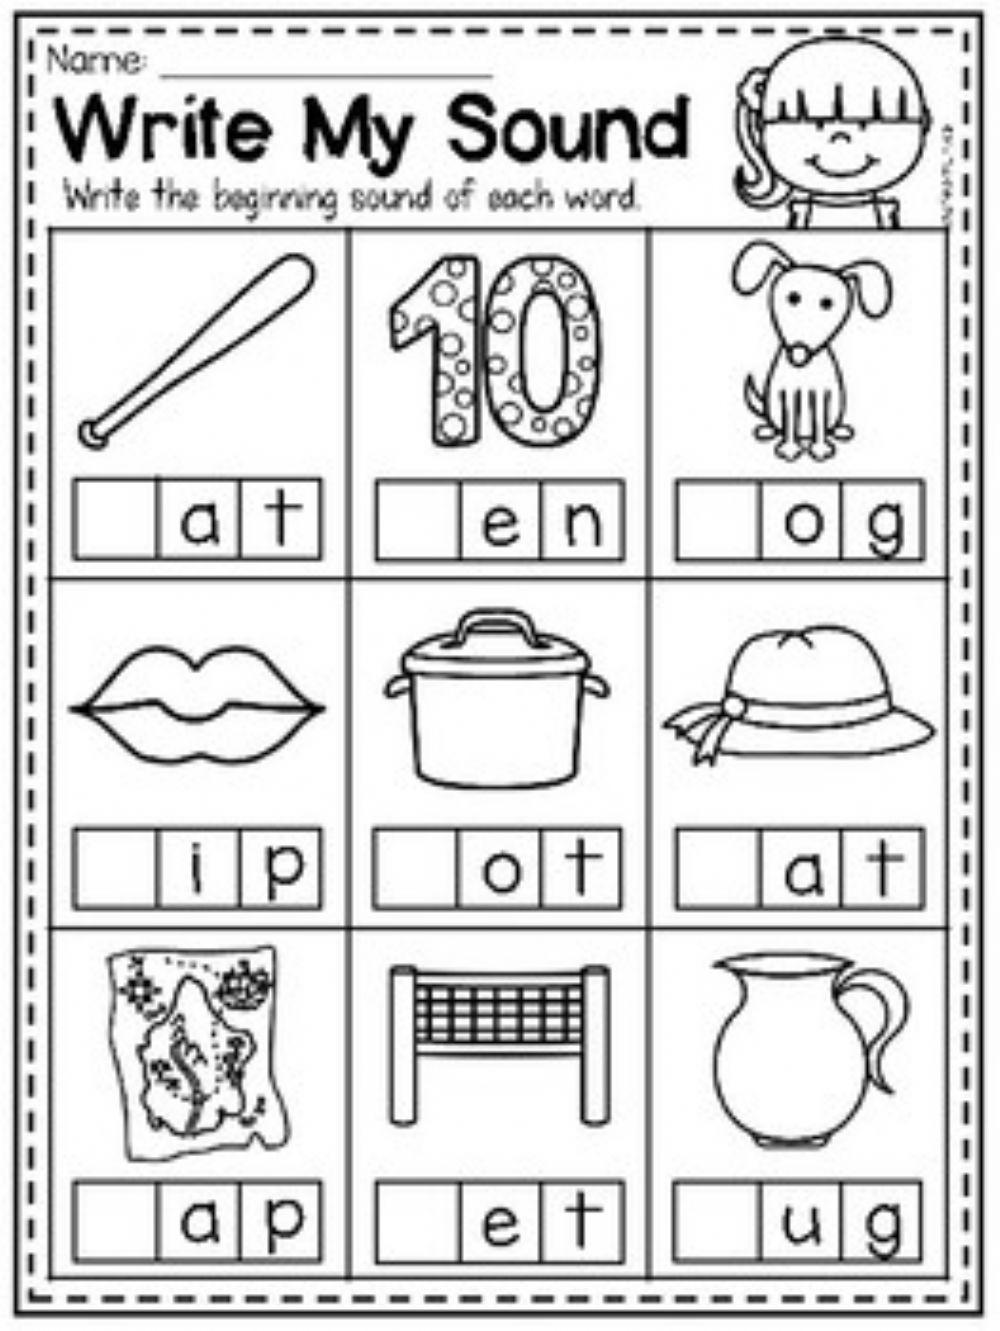 Write The Beginning Letter Worksheet